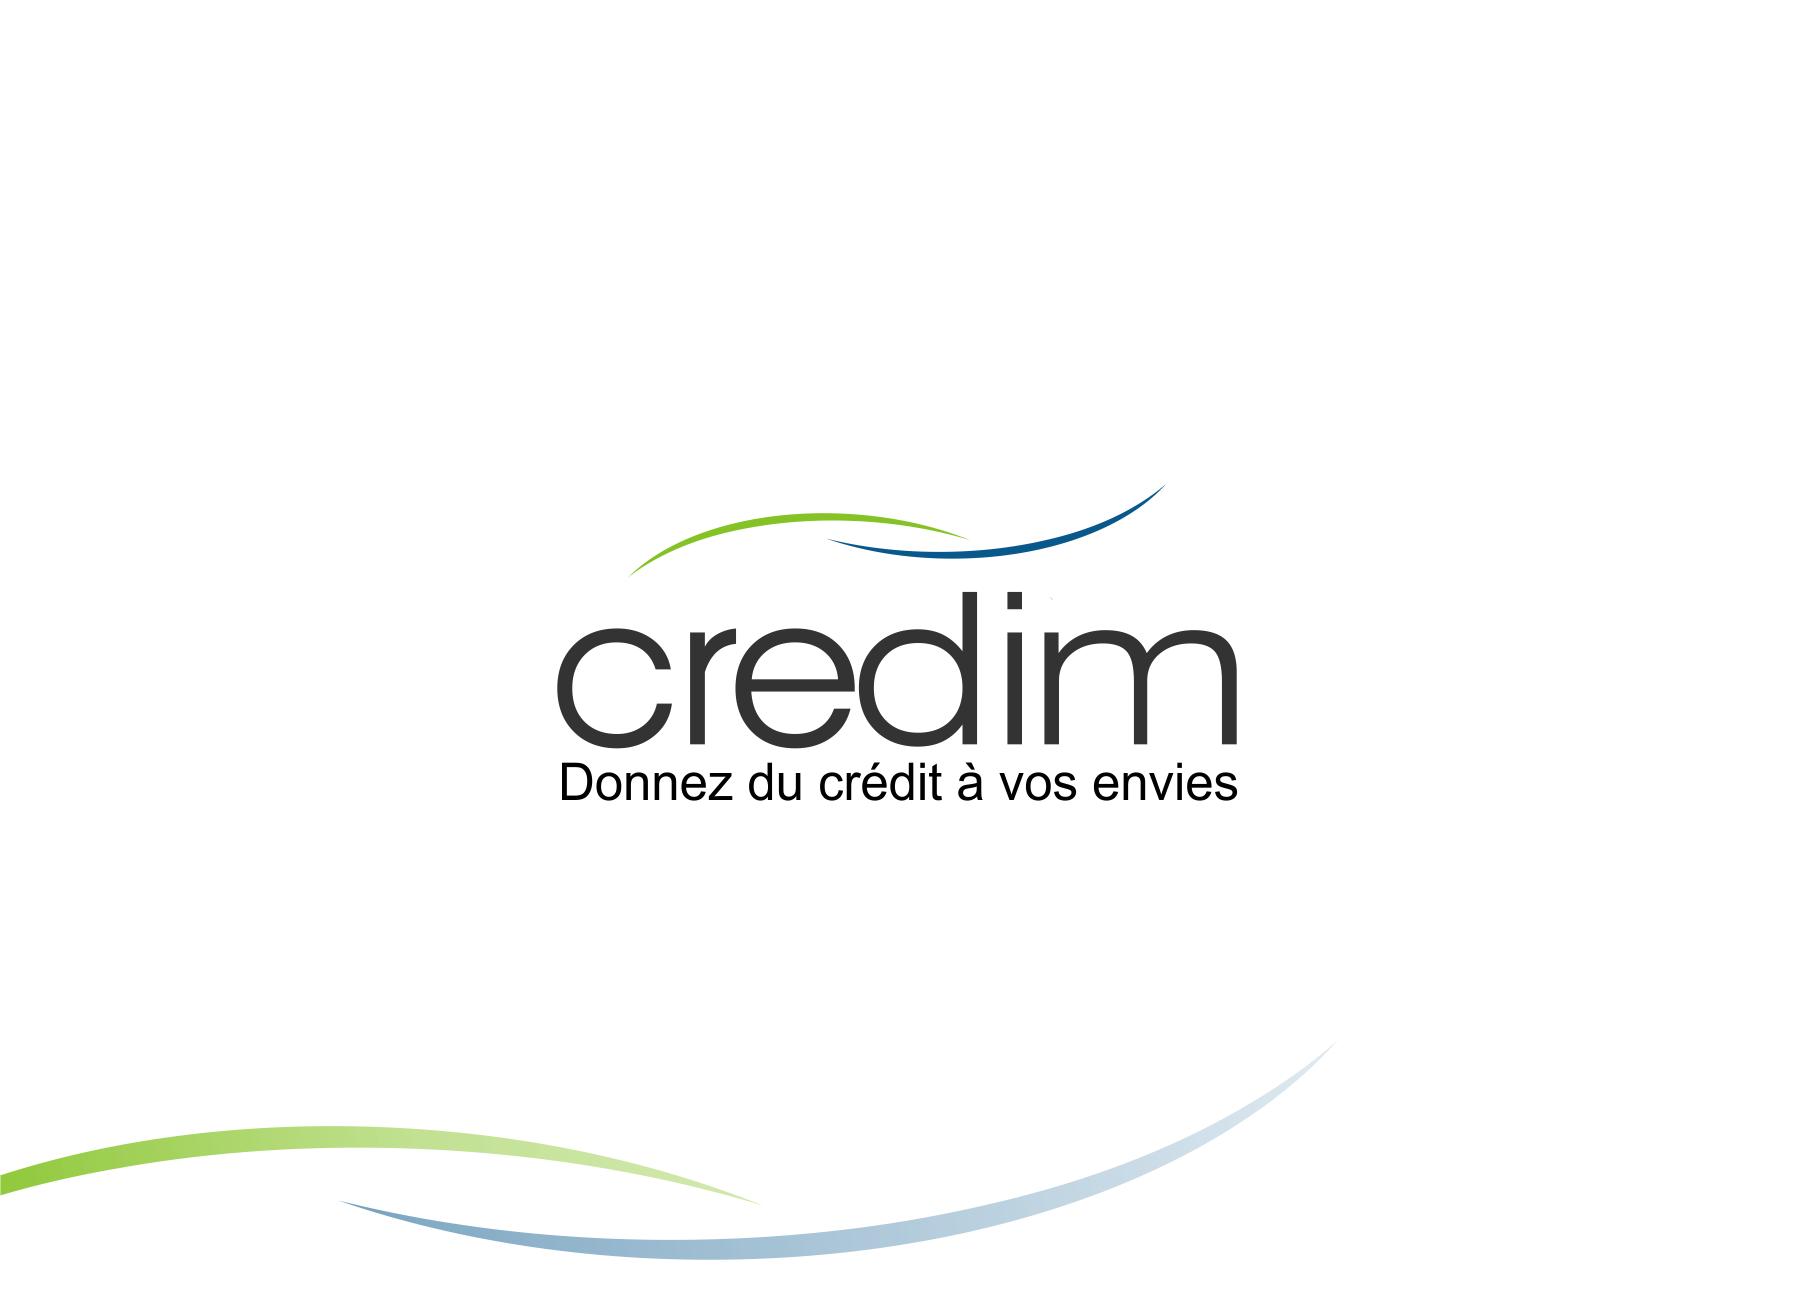 Créer un logo pour une entreprise de financement